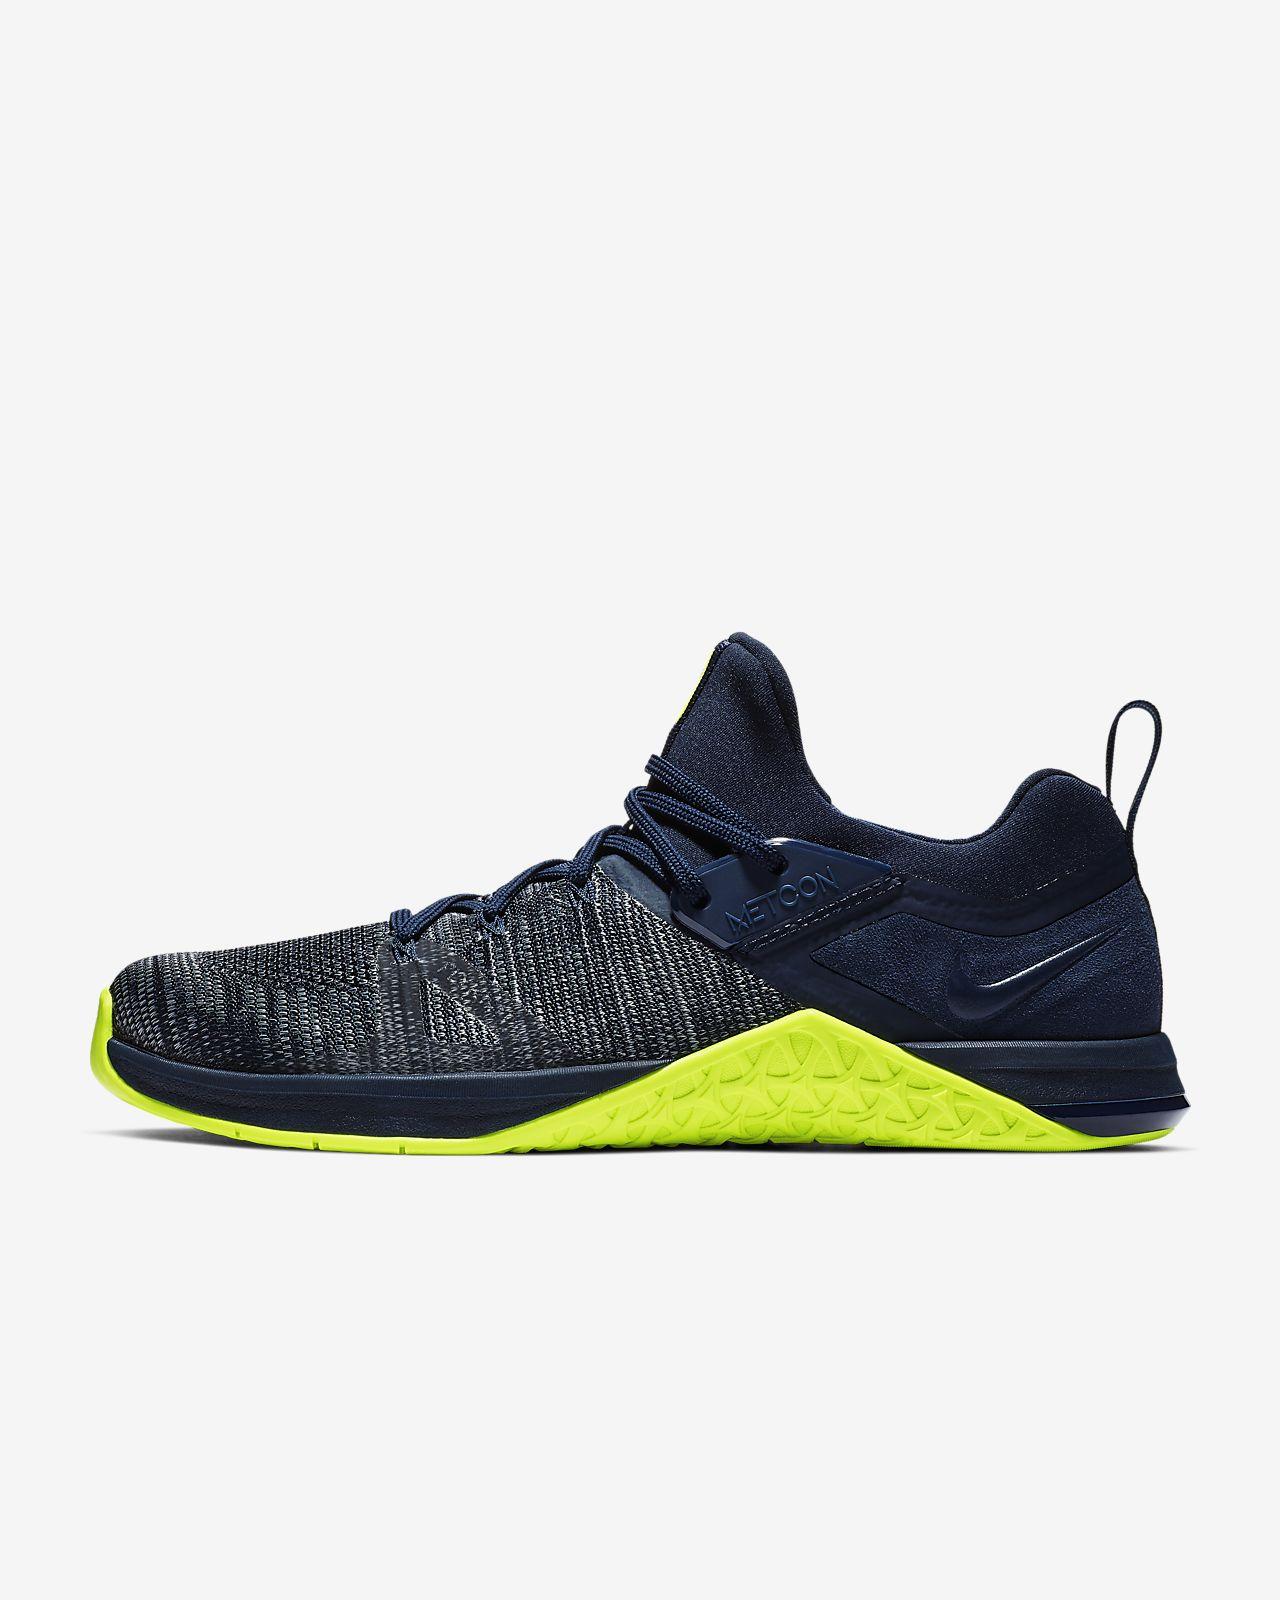 Ανδρικό παπούτσι γενικής προπόνησης άρσης βαρών Nike Metcon Flyknit ... 4d1dbe822e3